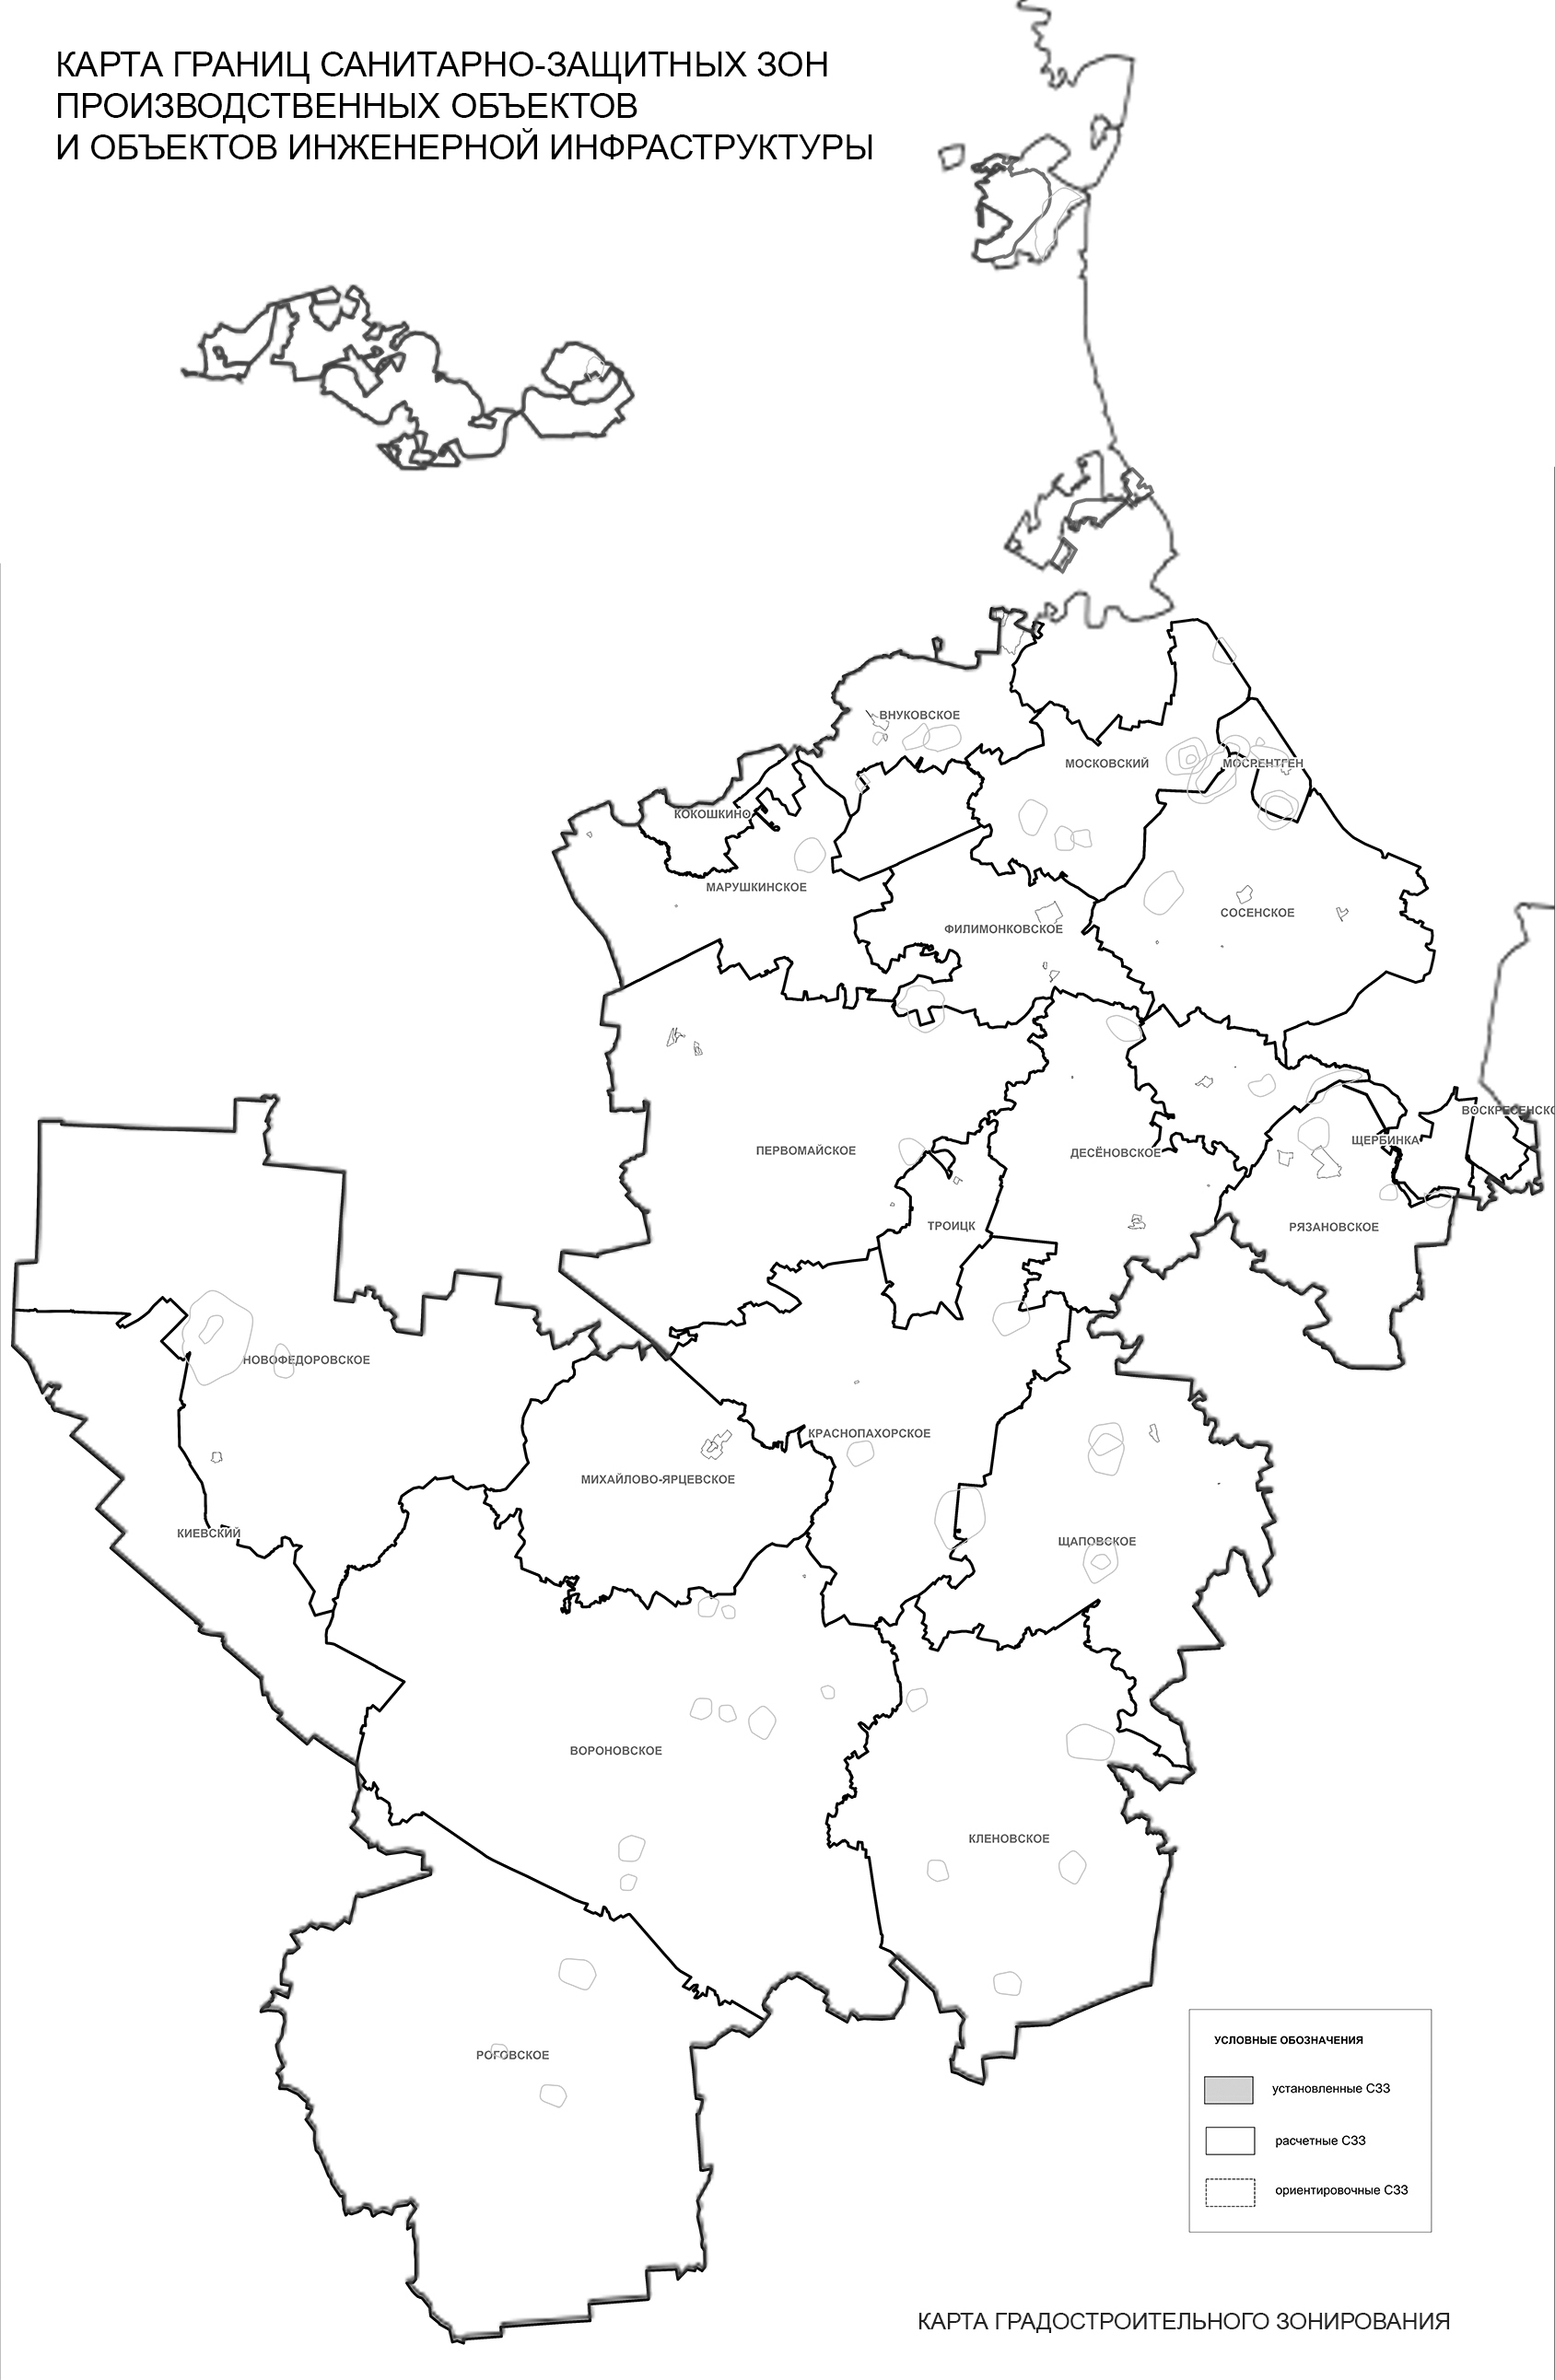 karta_granic_sanitarno-zawitnyh_zon_proizvodstvennyh_ob_ektov_i_ob_ektov_inzhenernoj_infrastruktury